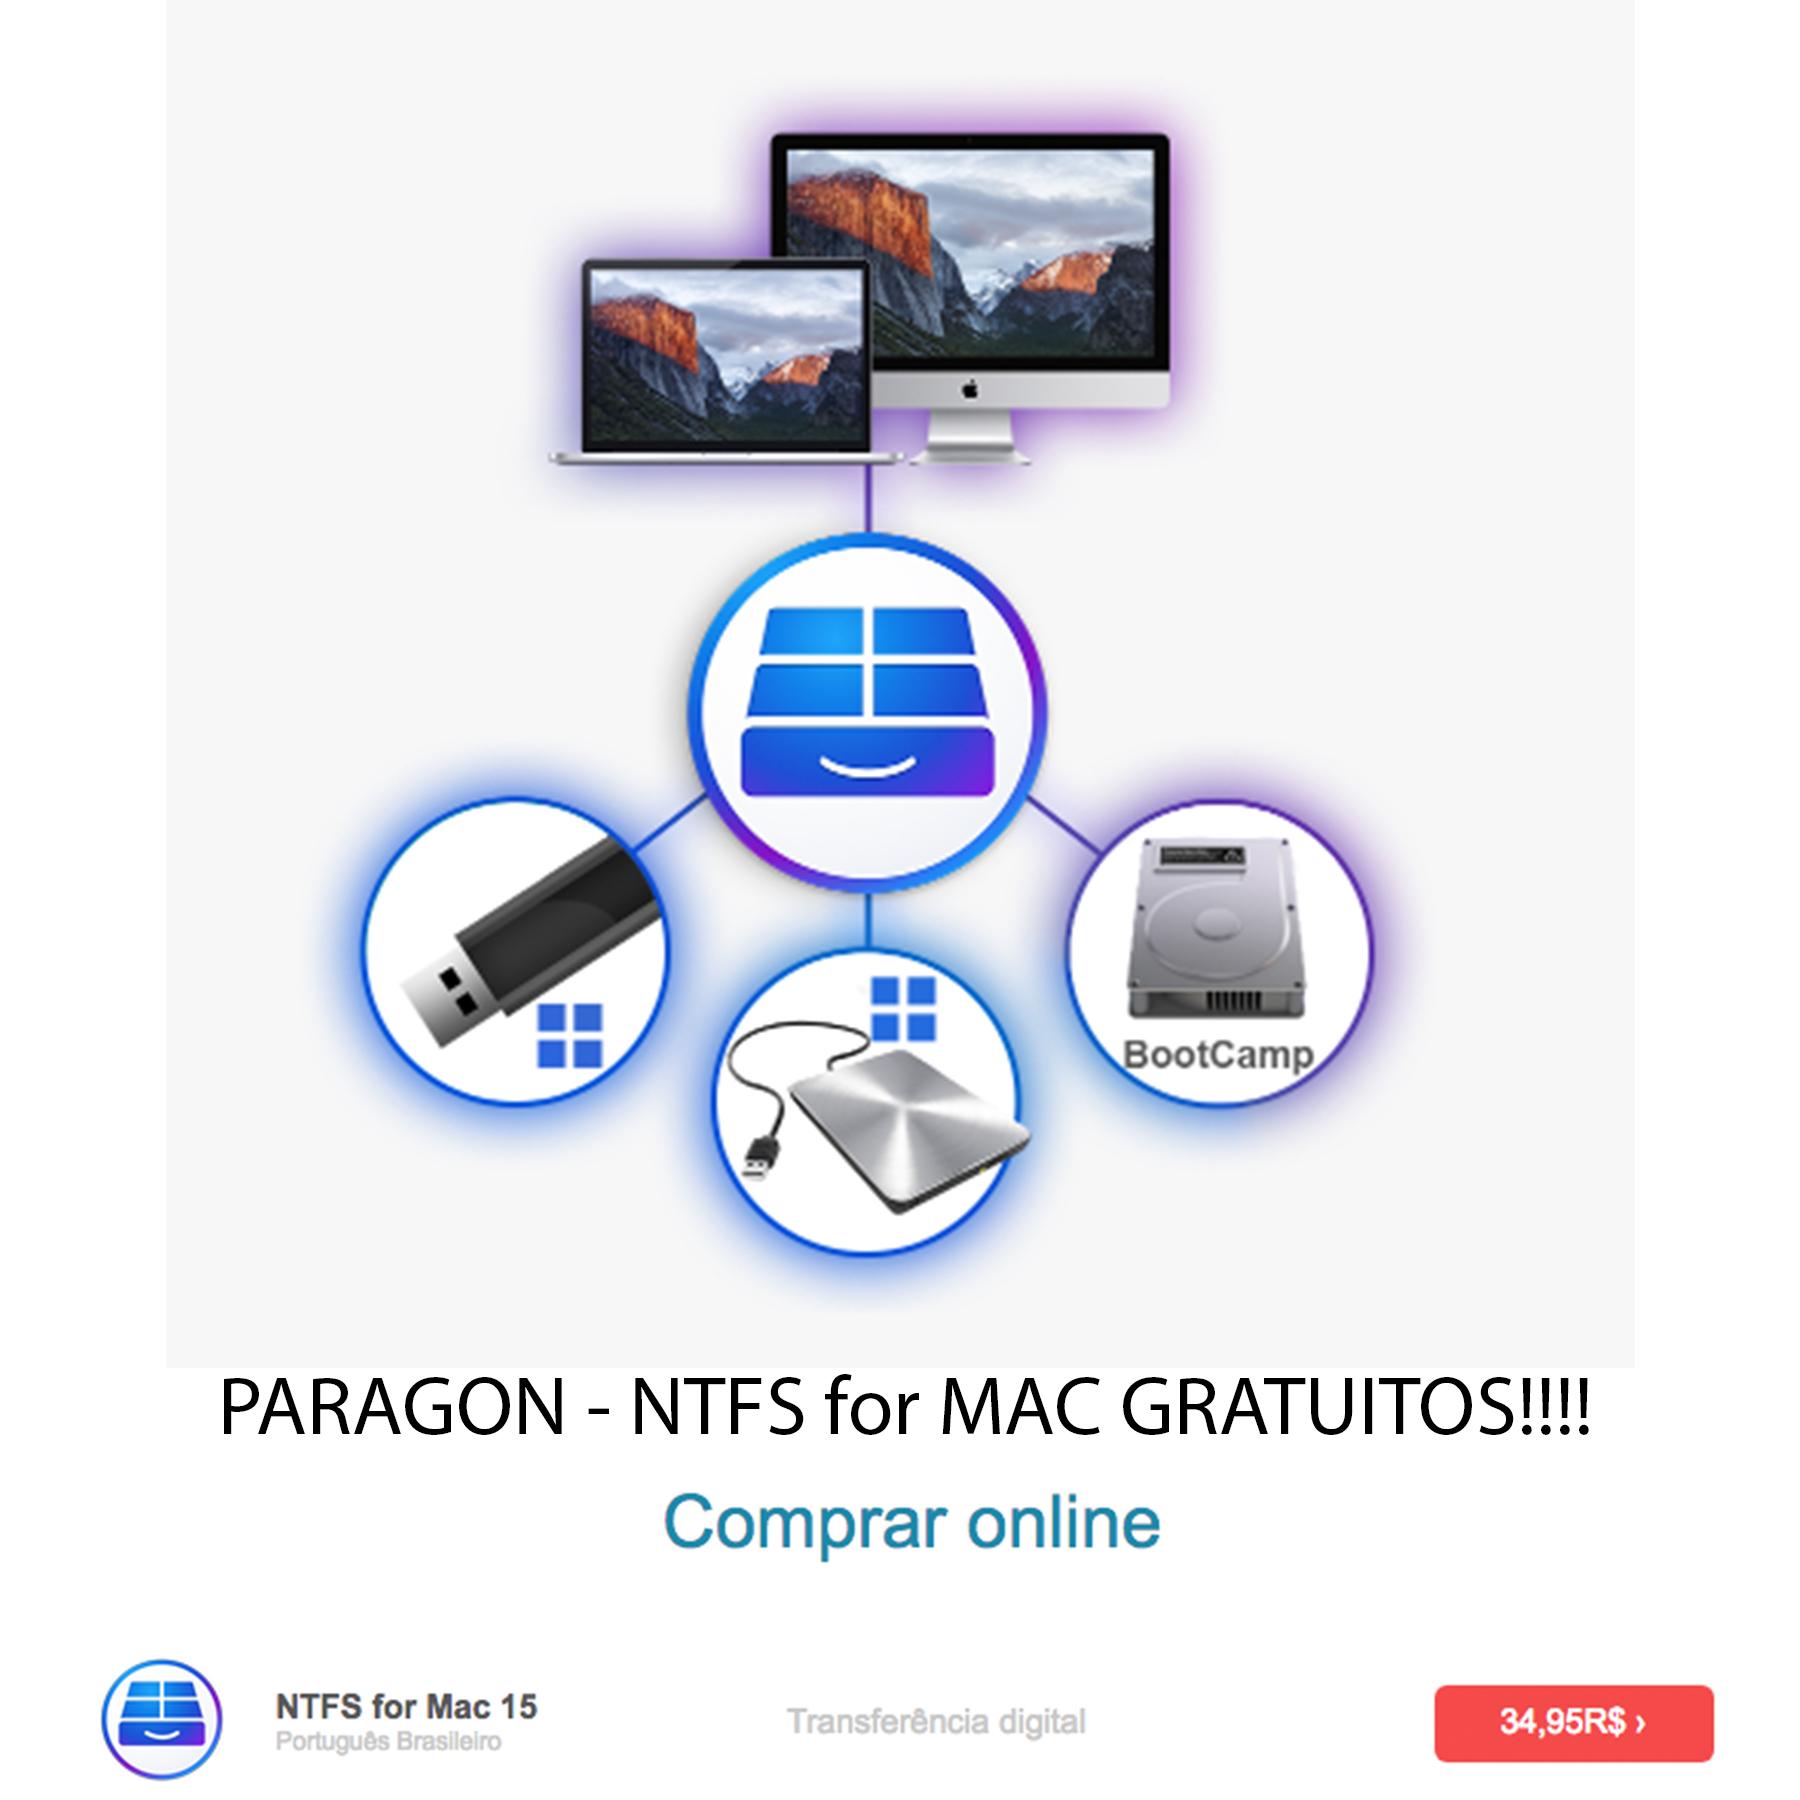 Paragon NTFS for MAC Grátis – Saiba como!